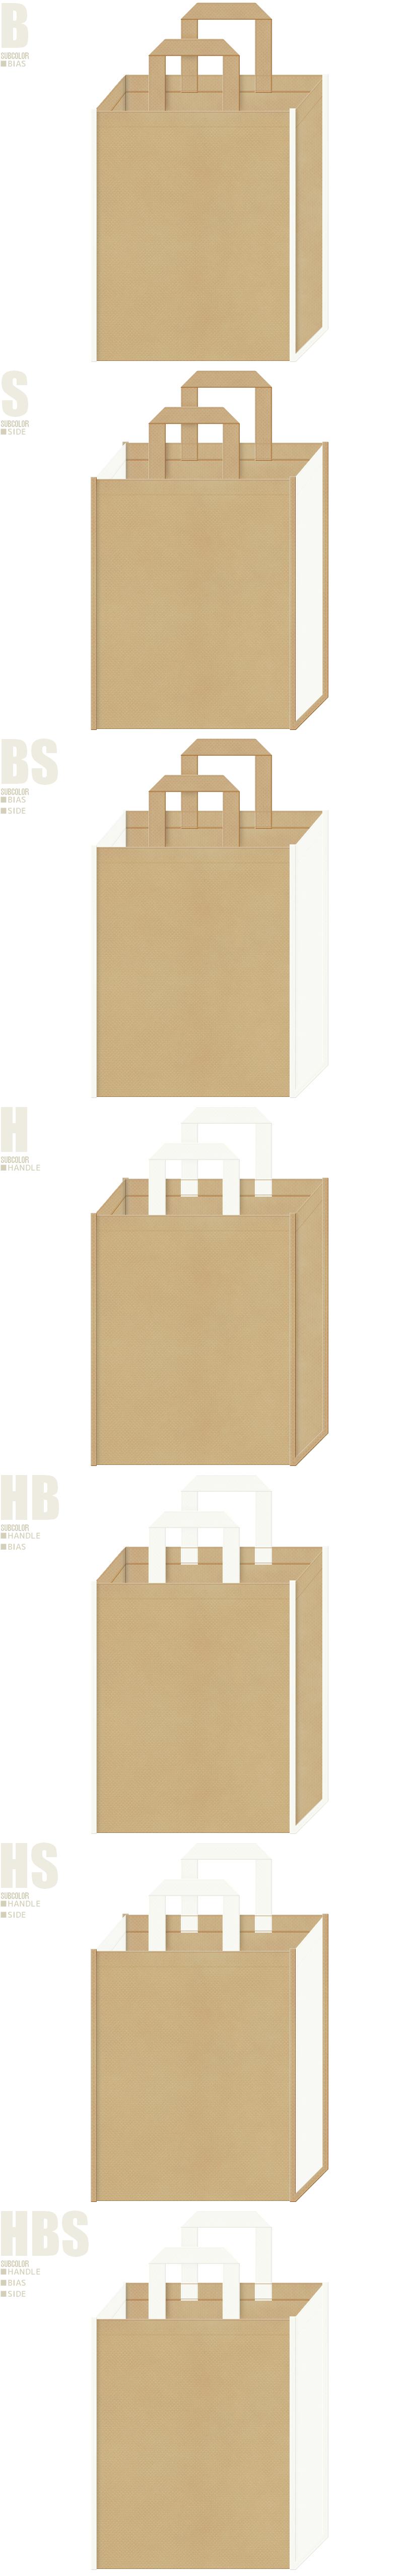 カフェイメージの不織布トートバッグデザイン例。